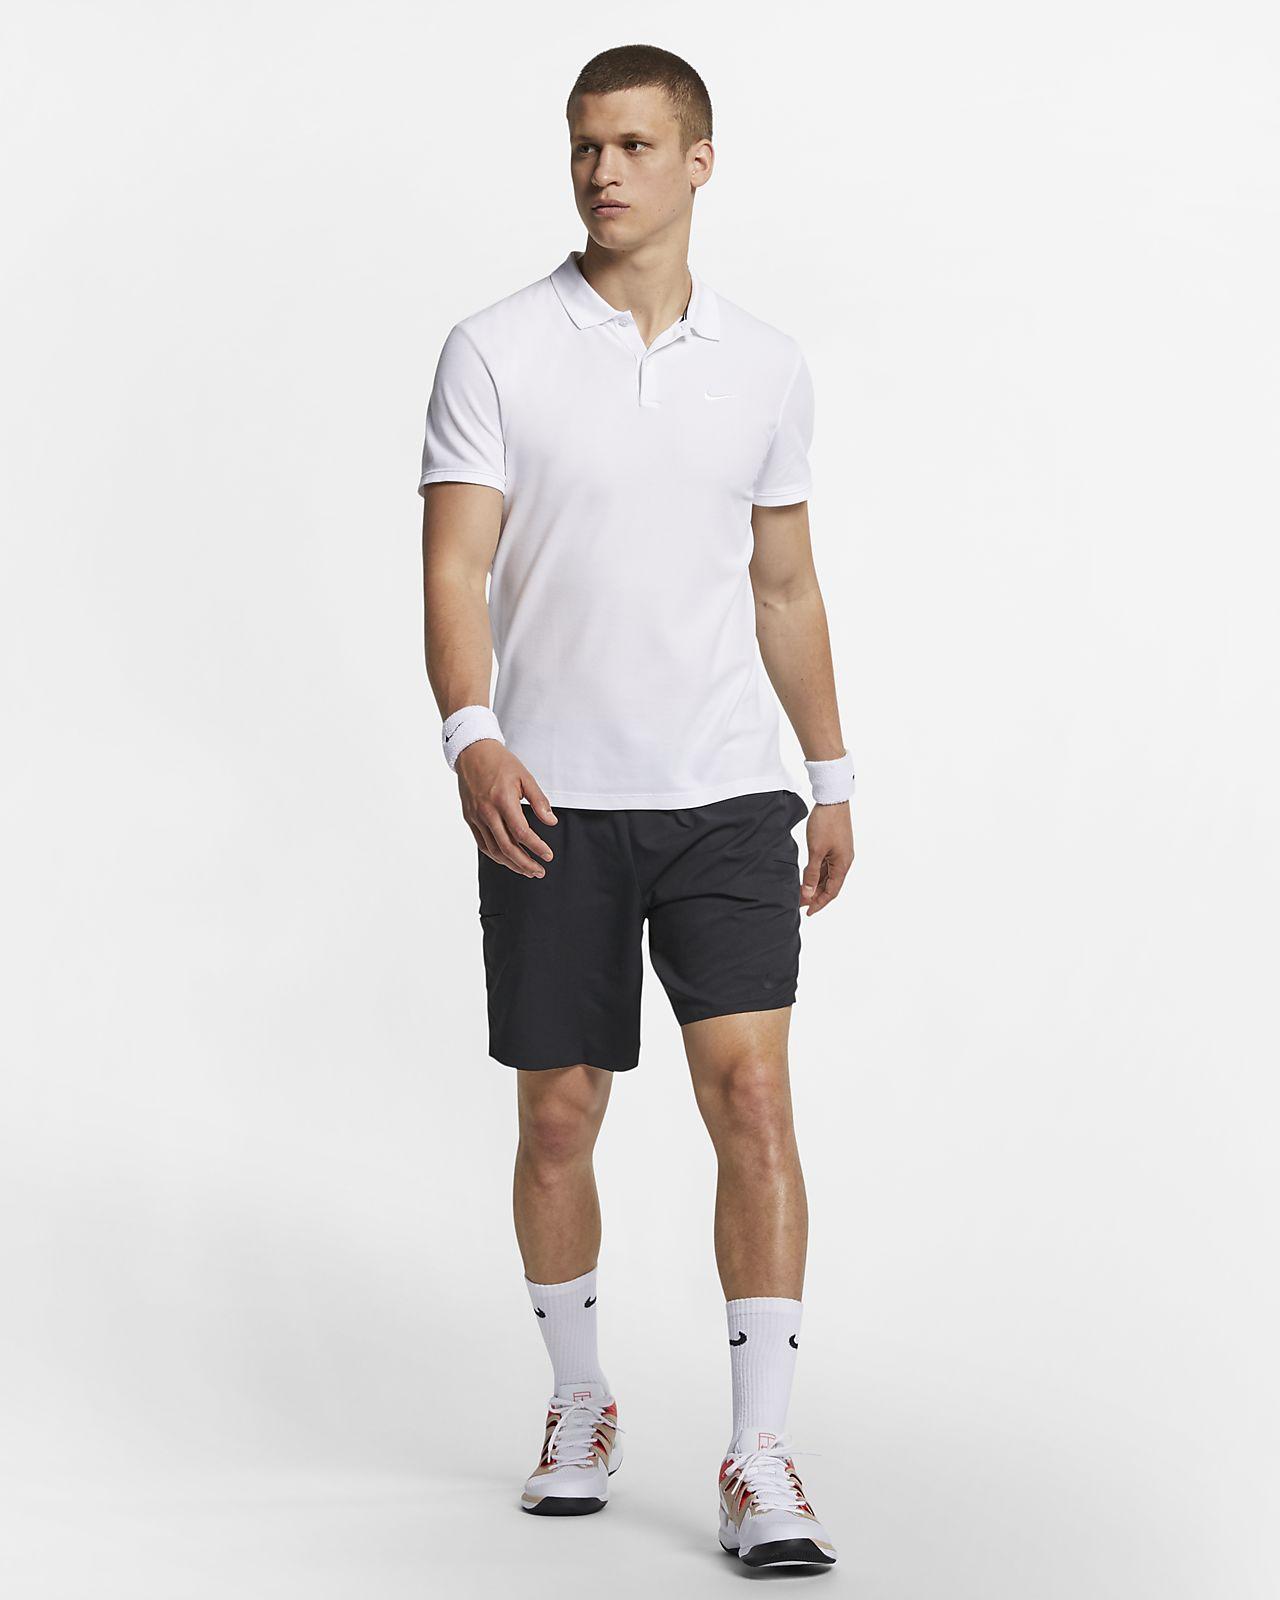 c9f0c2013b9f2 NikeCourt Flex Ace Men s 9